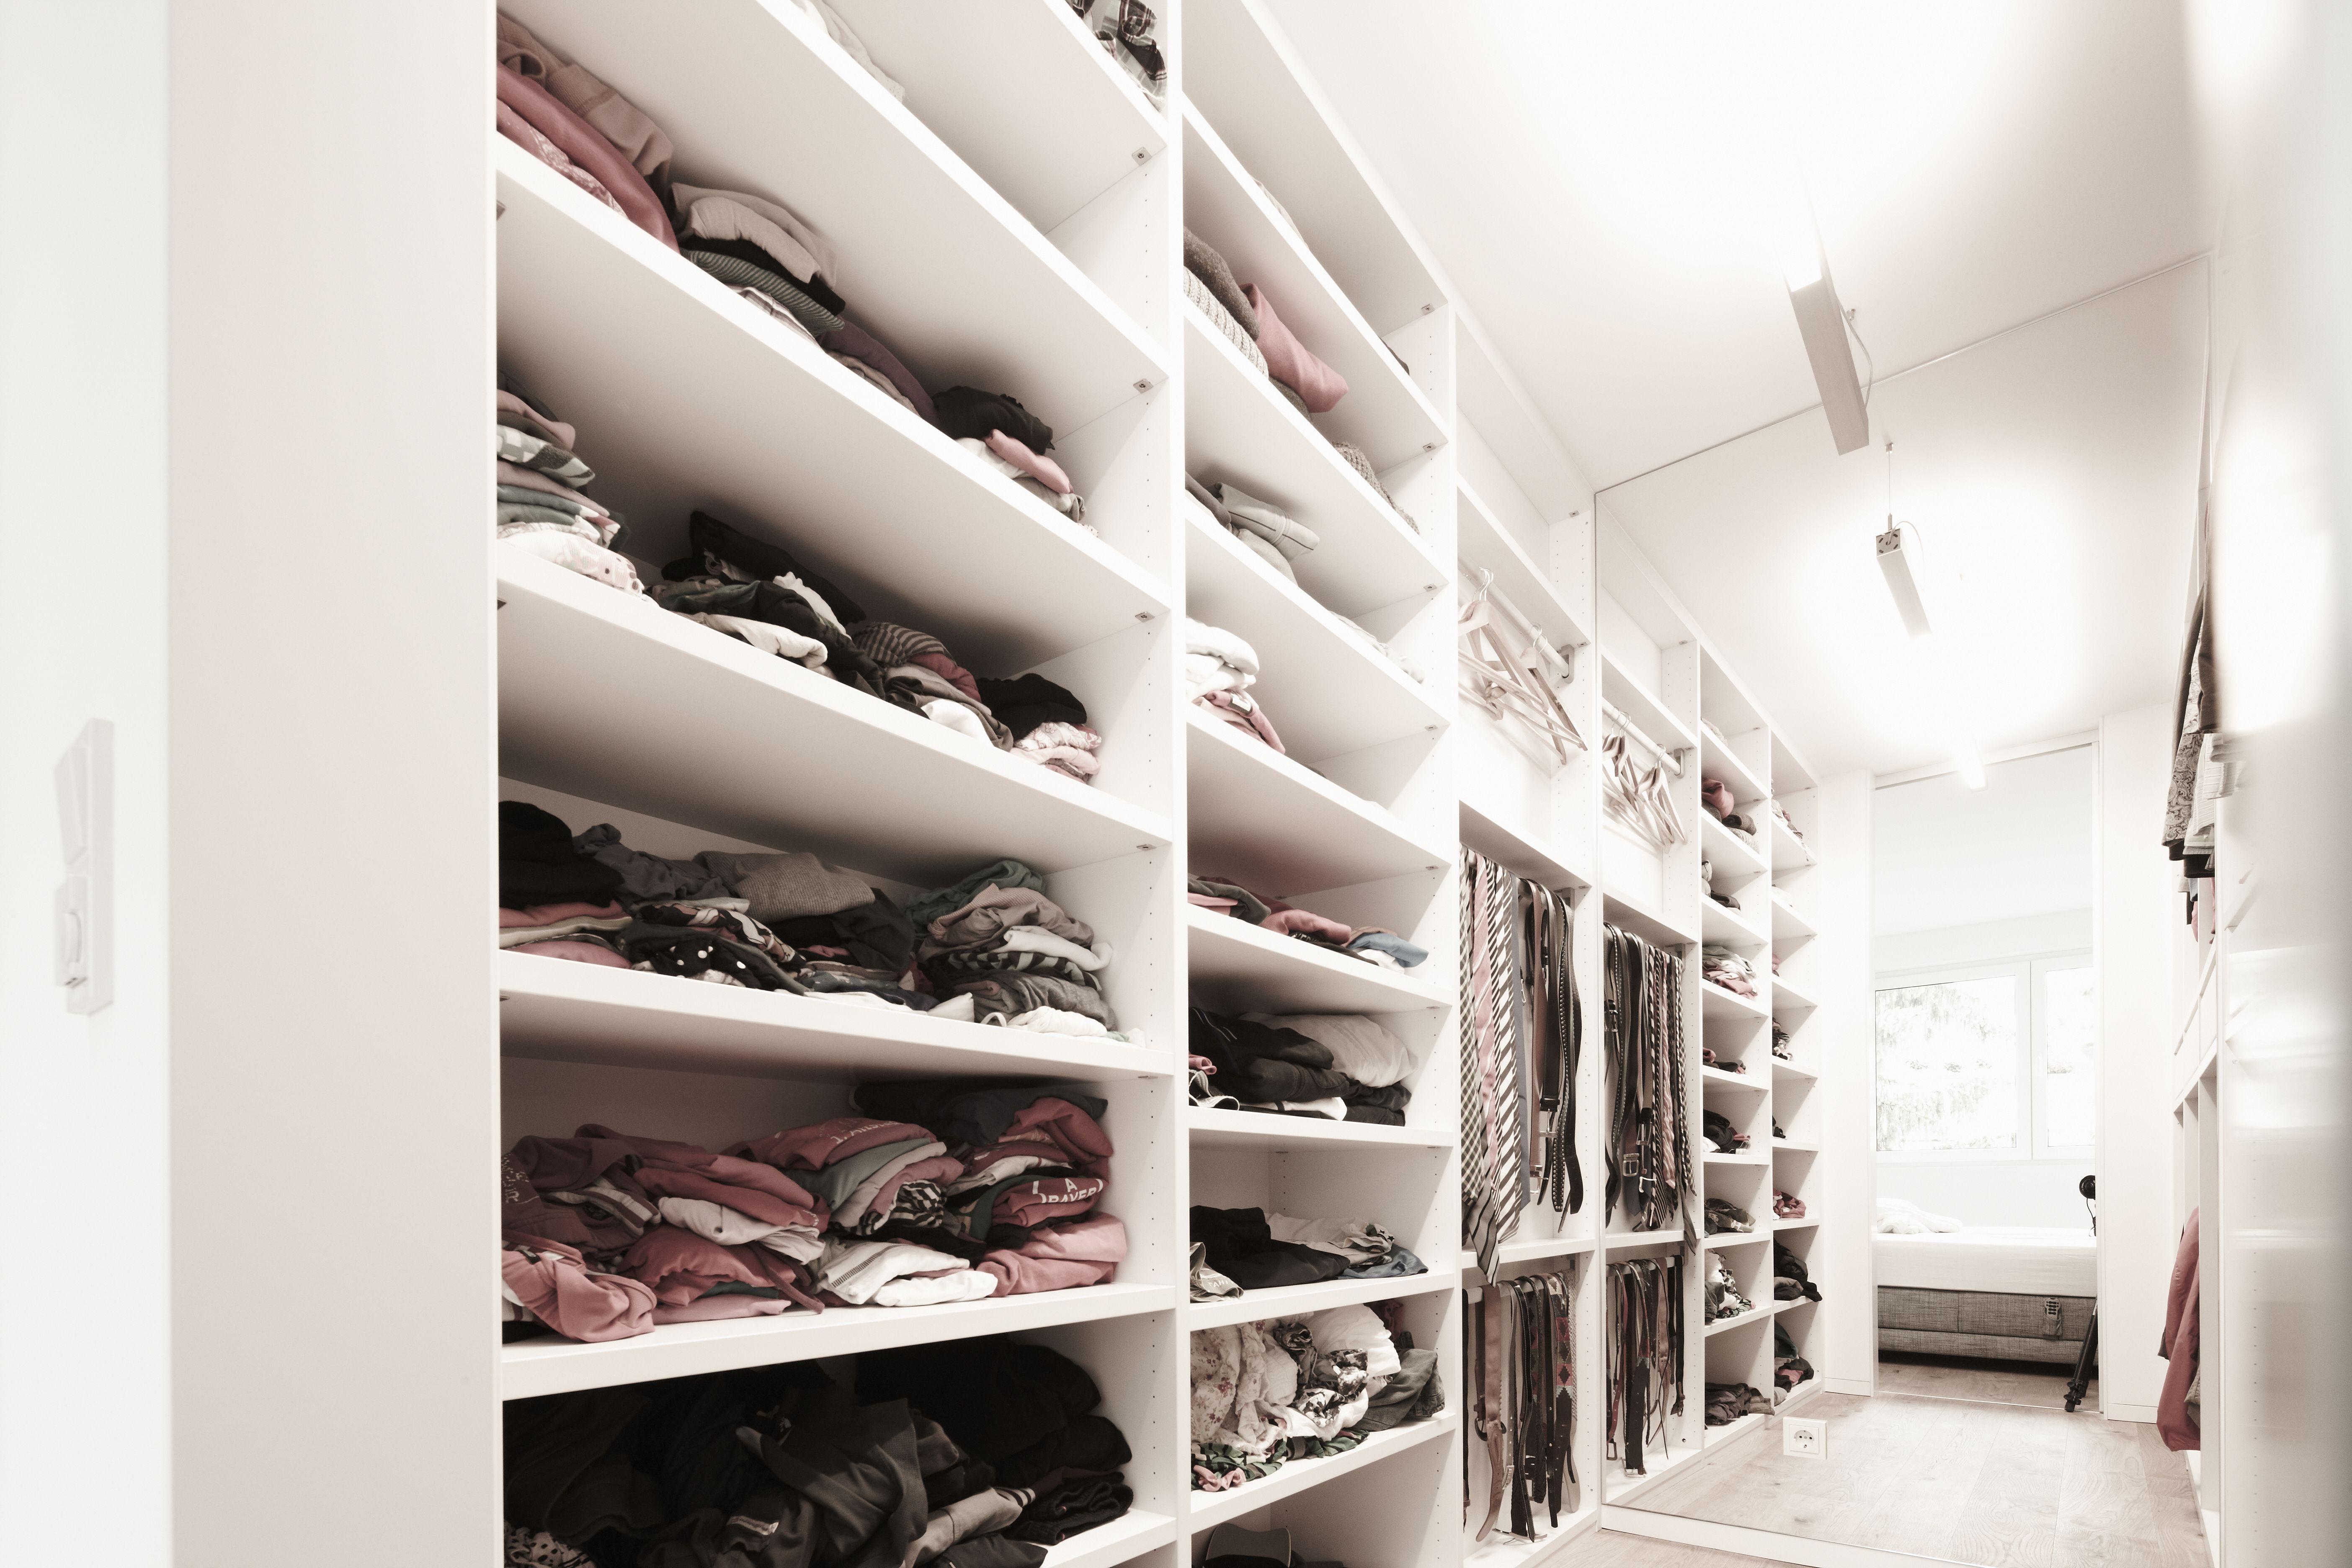 Ankleide Kleiderschrank In Koln Bei Home Favorit 2019 Mit